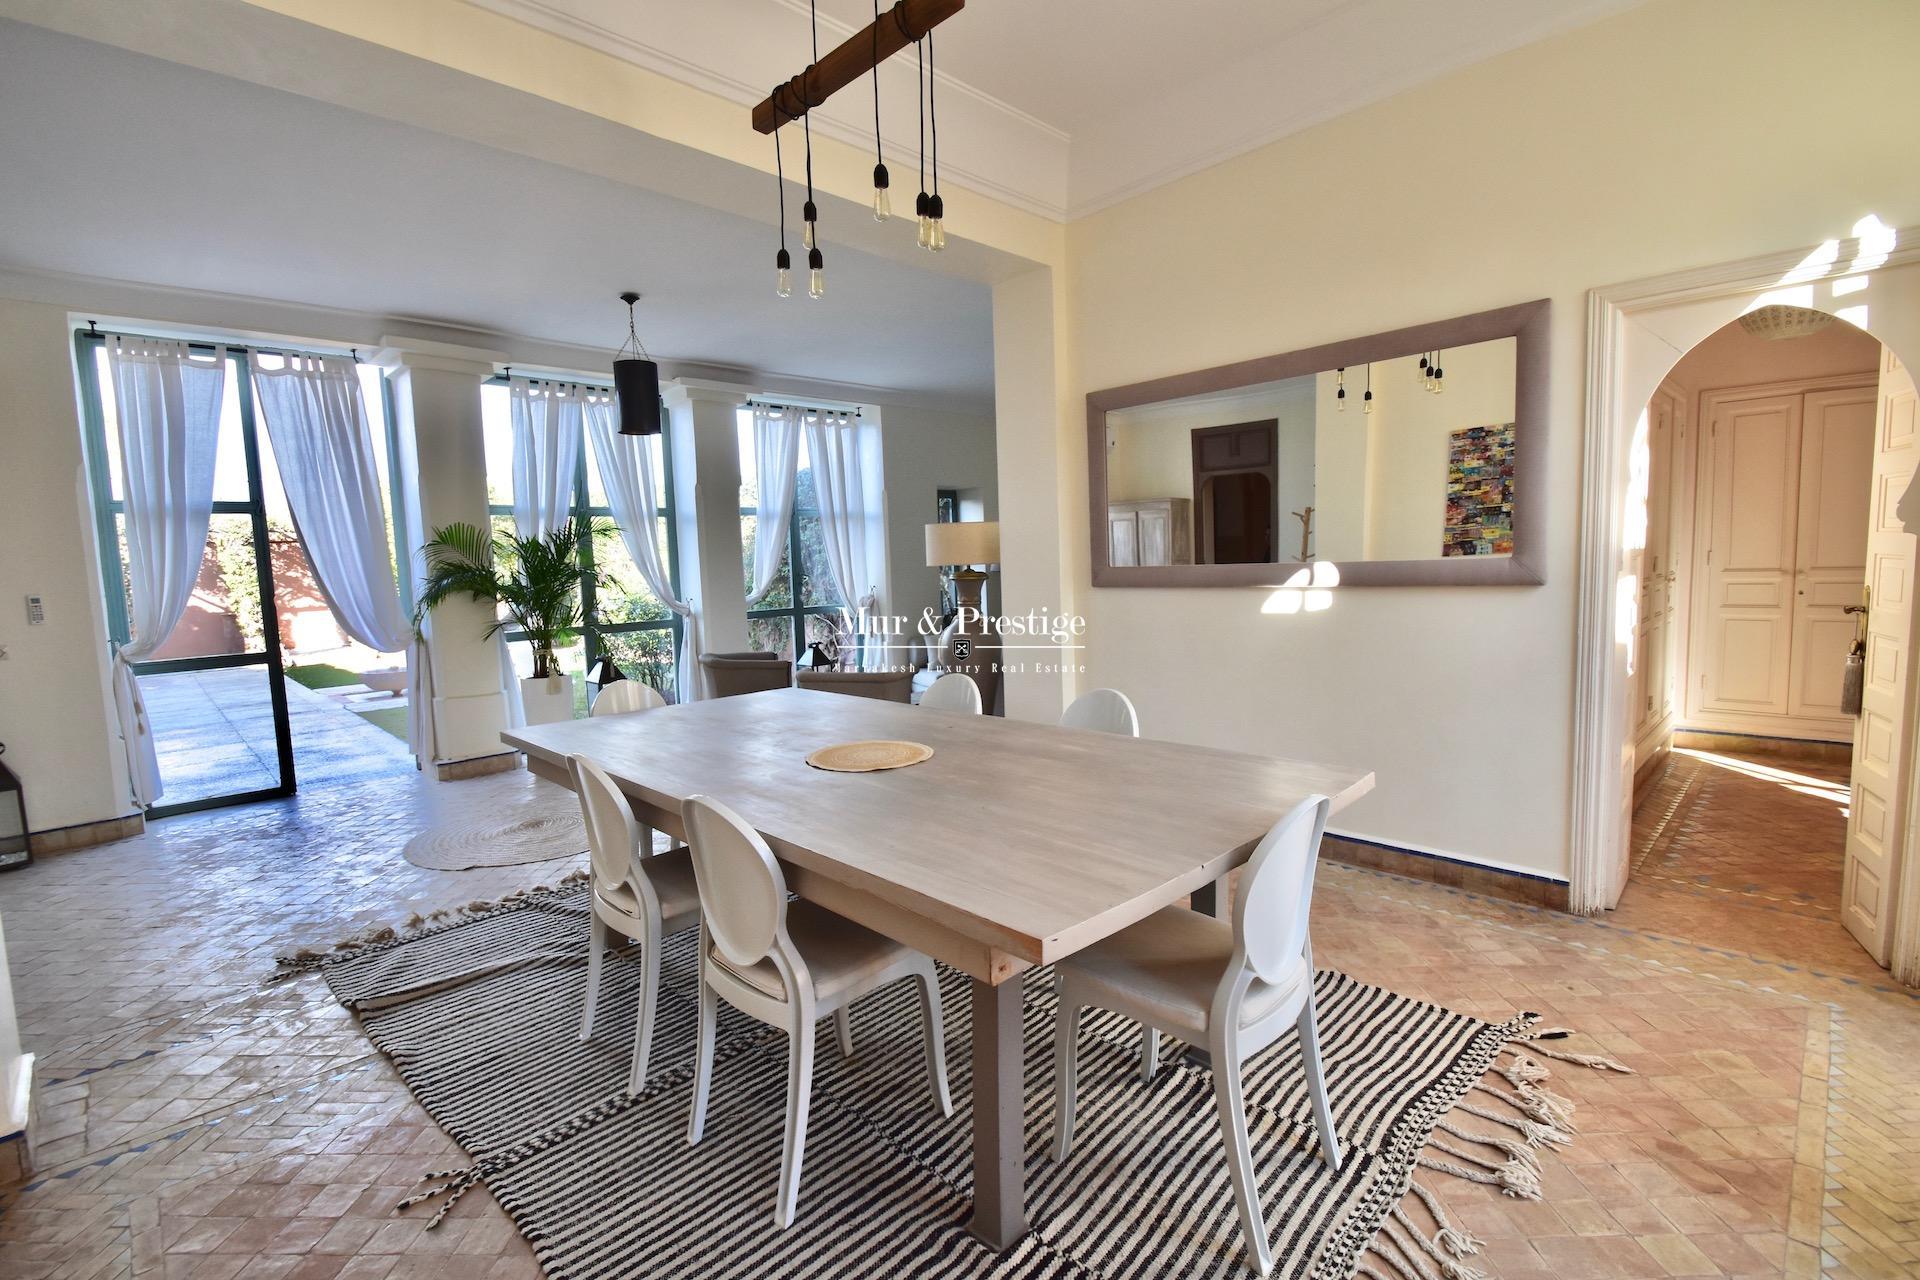 Maison Charles Boccara à vendre à Marrakech